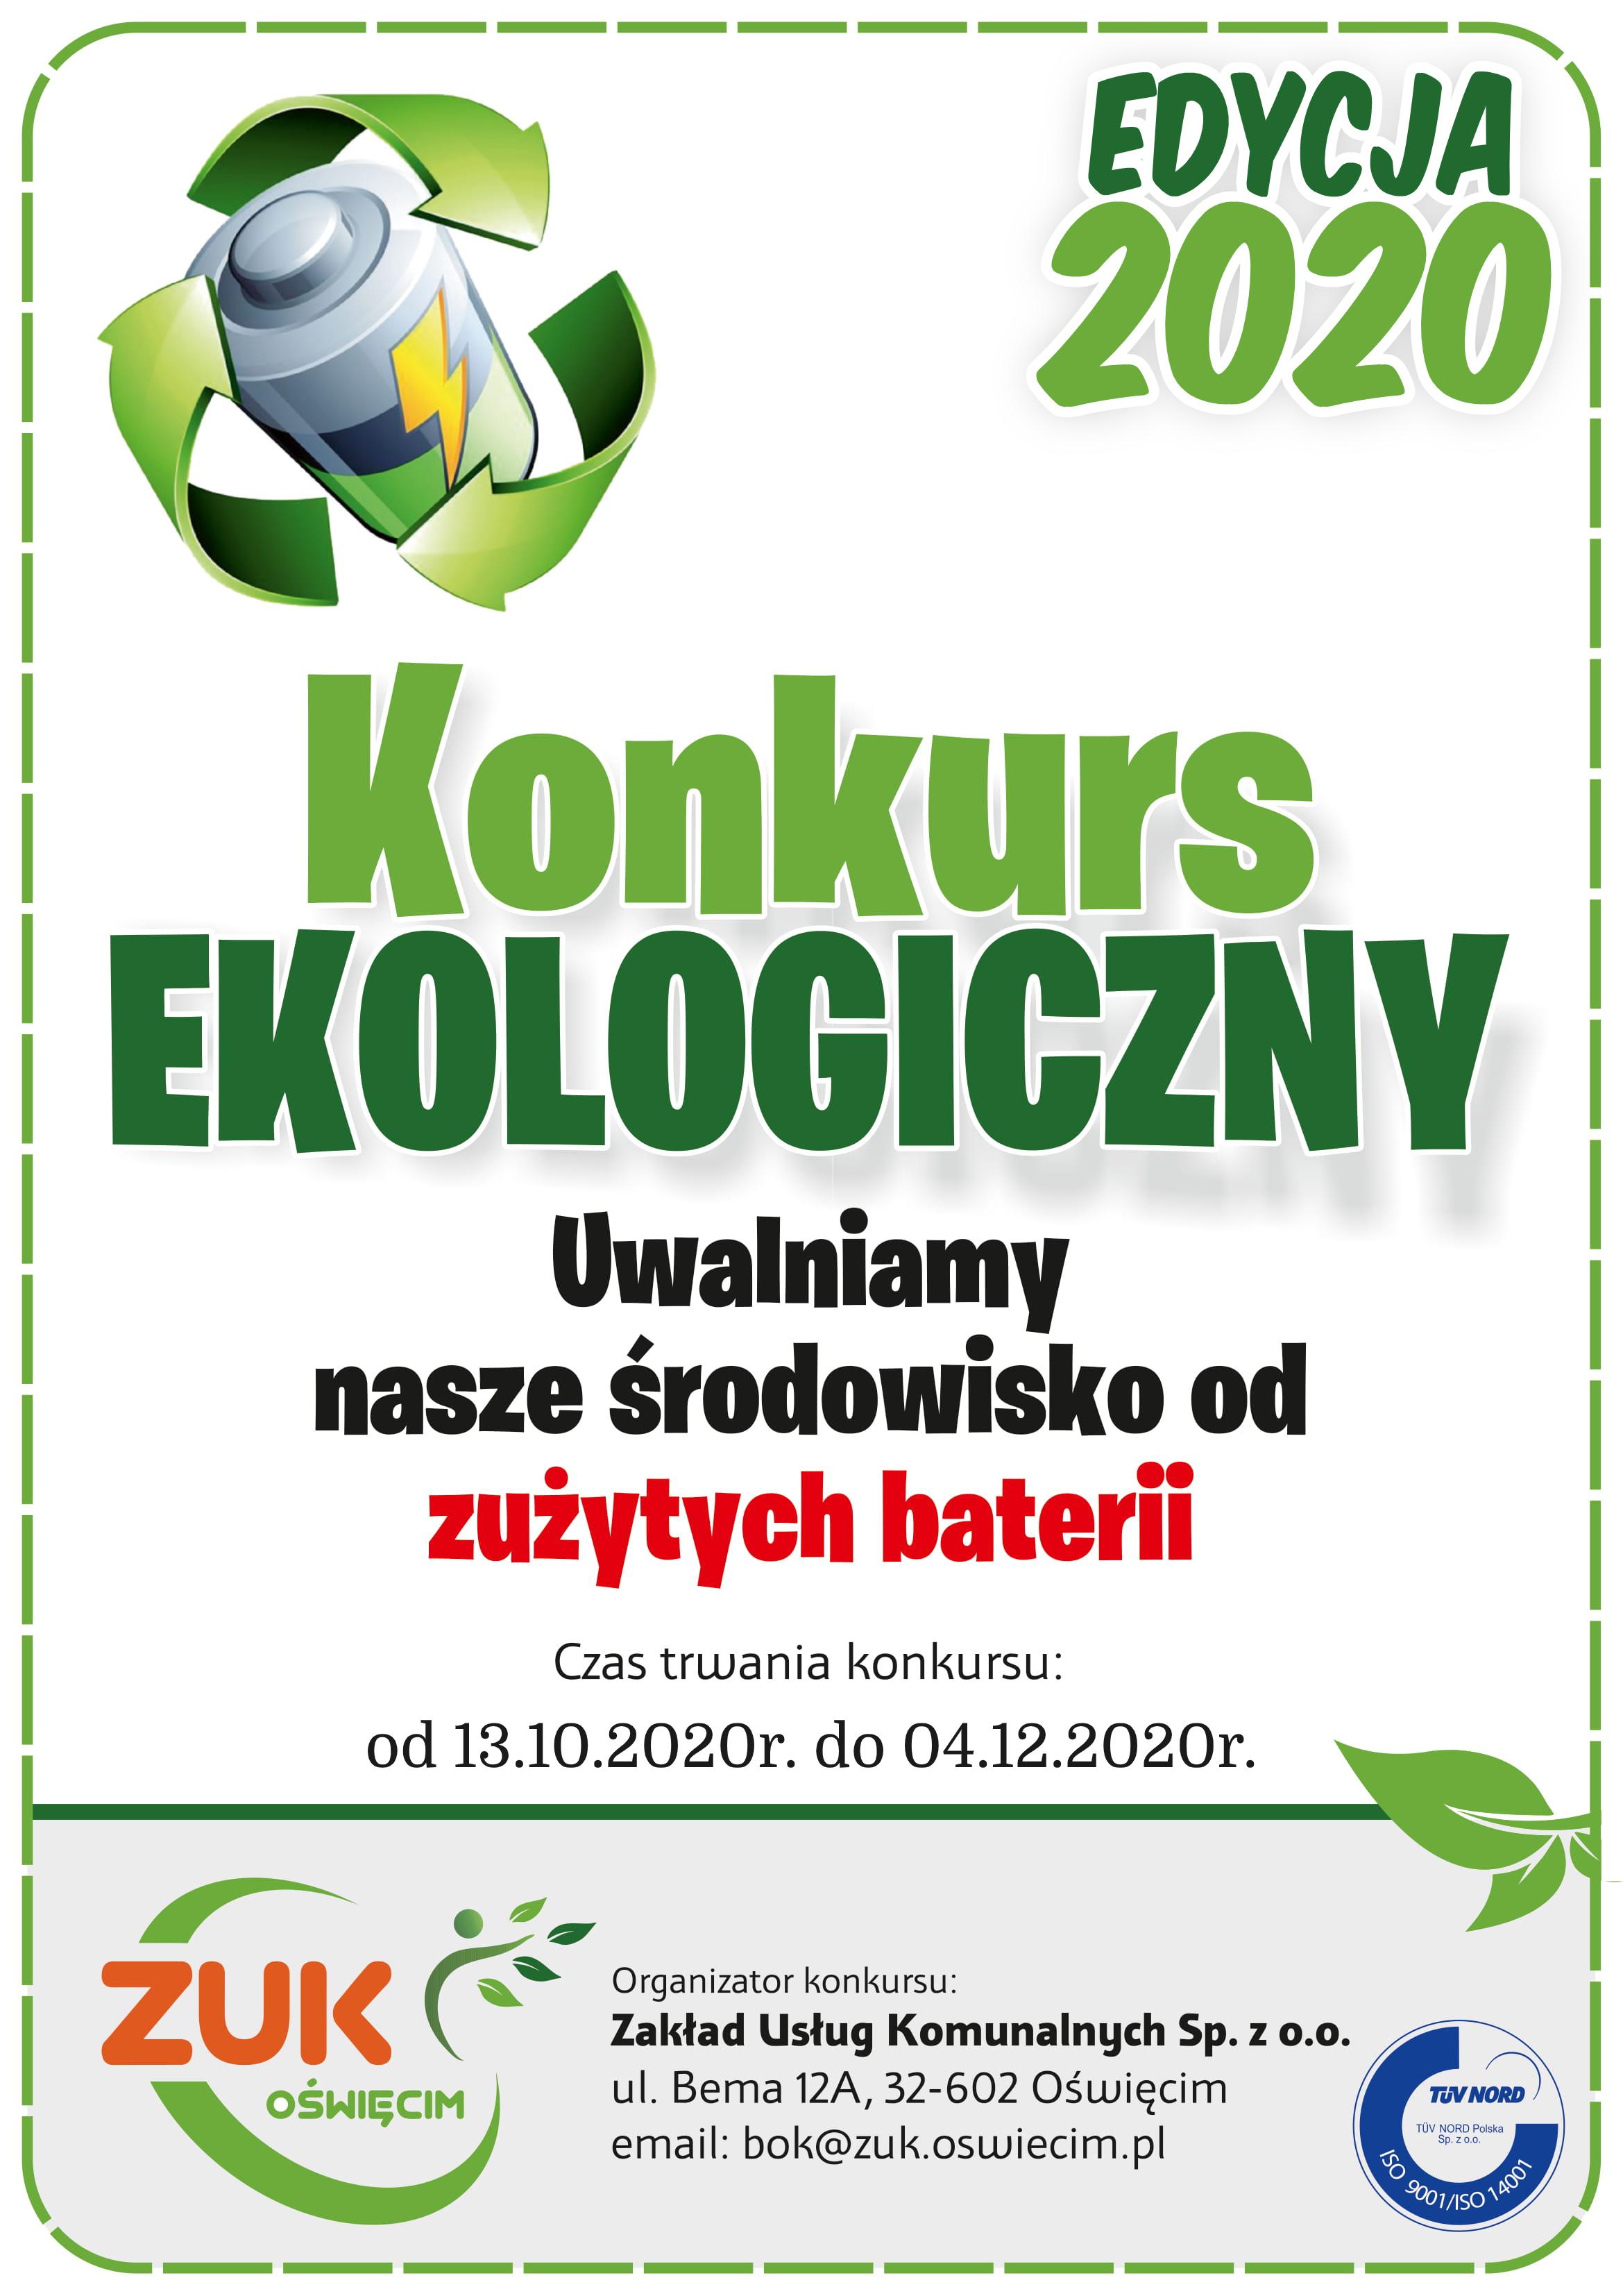 """Regulamin Konkursu zbiórki zużytych baterii  """"Uwalniamy nasze środowisko od zużytych baterii"""" edycja 2020"""